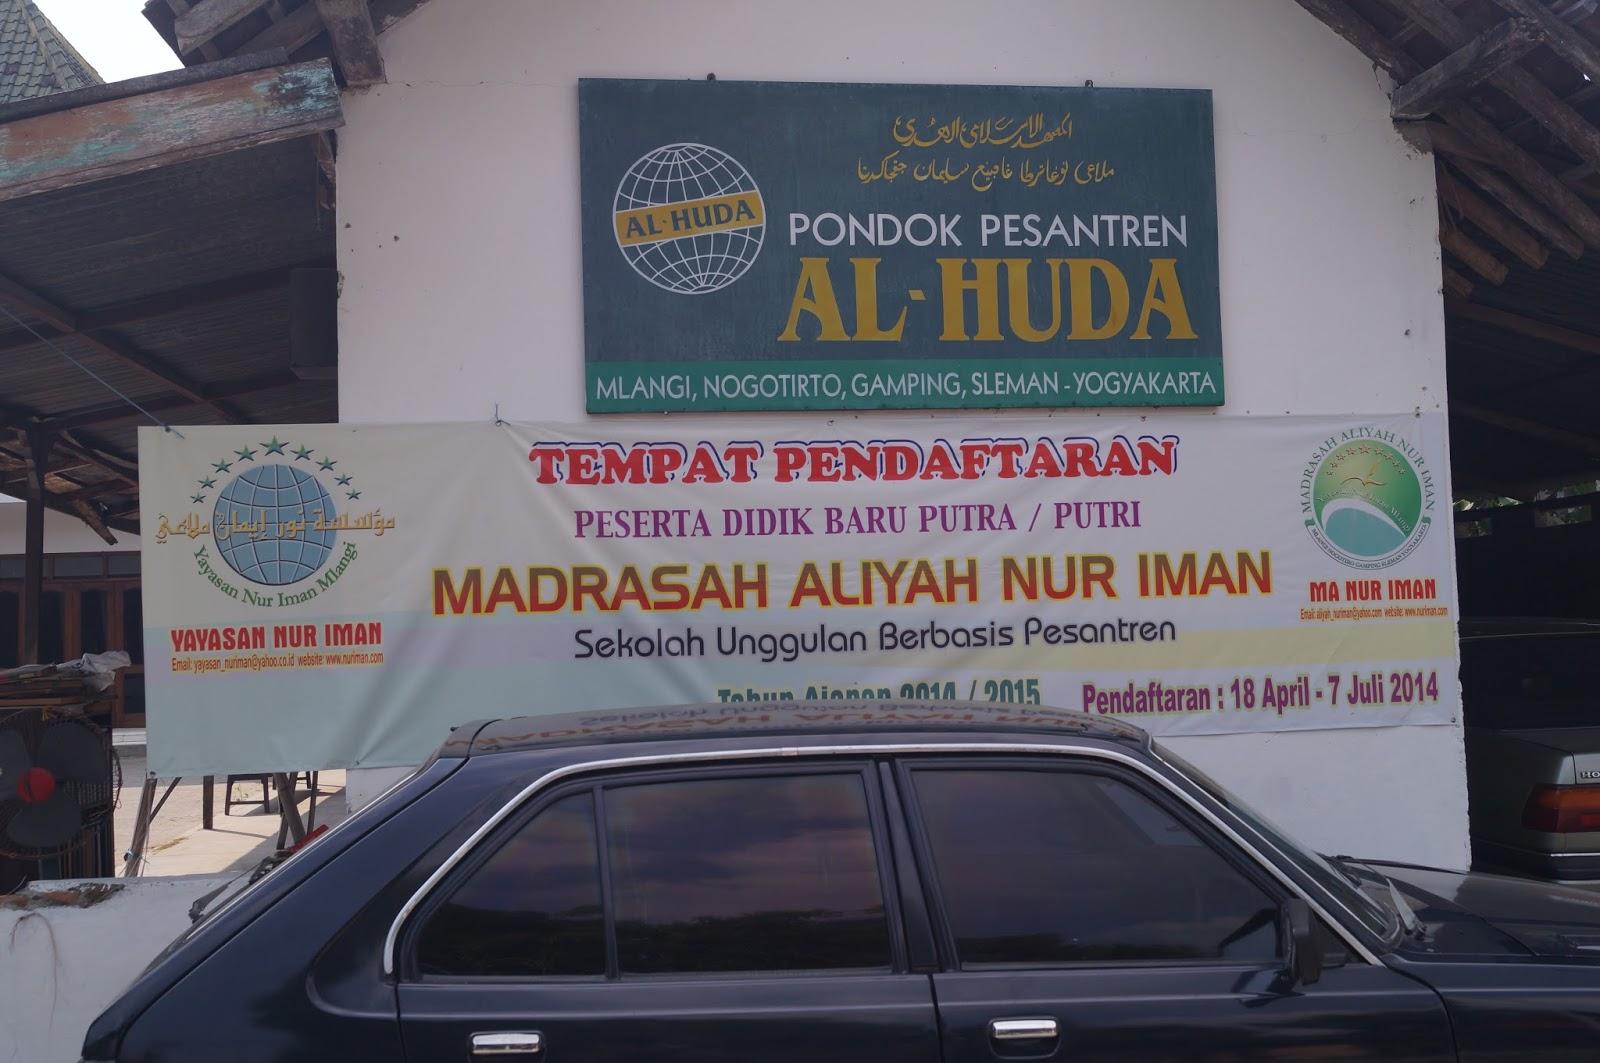 Hasil gambar untuk Al-Huda mlangi